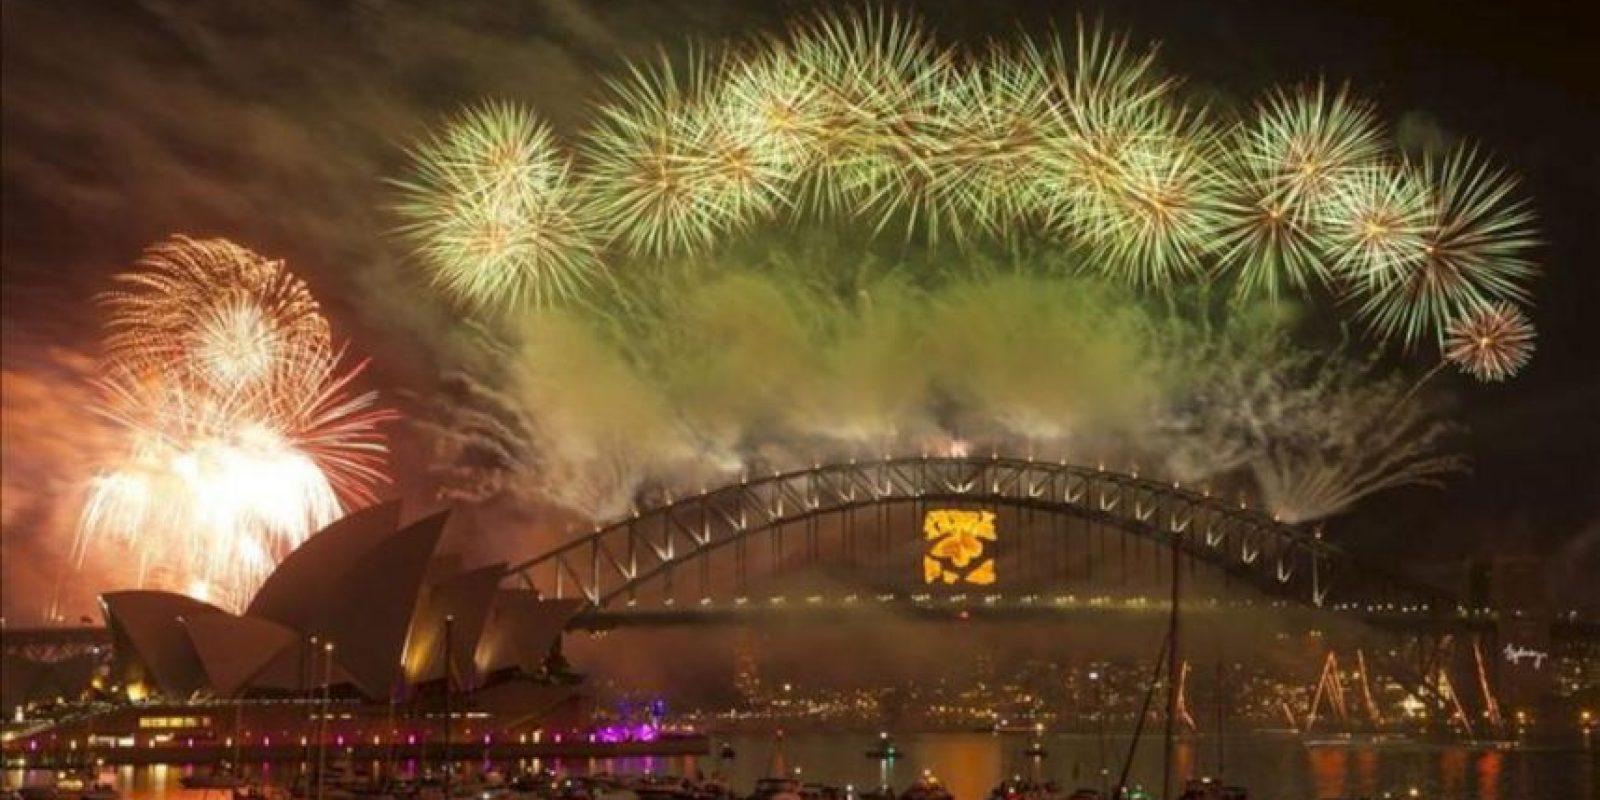 Fuegos artificiales iluminan Sídney (Australia) durante las celebraciones de Año Nuevo. EFE